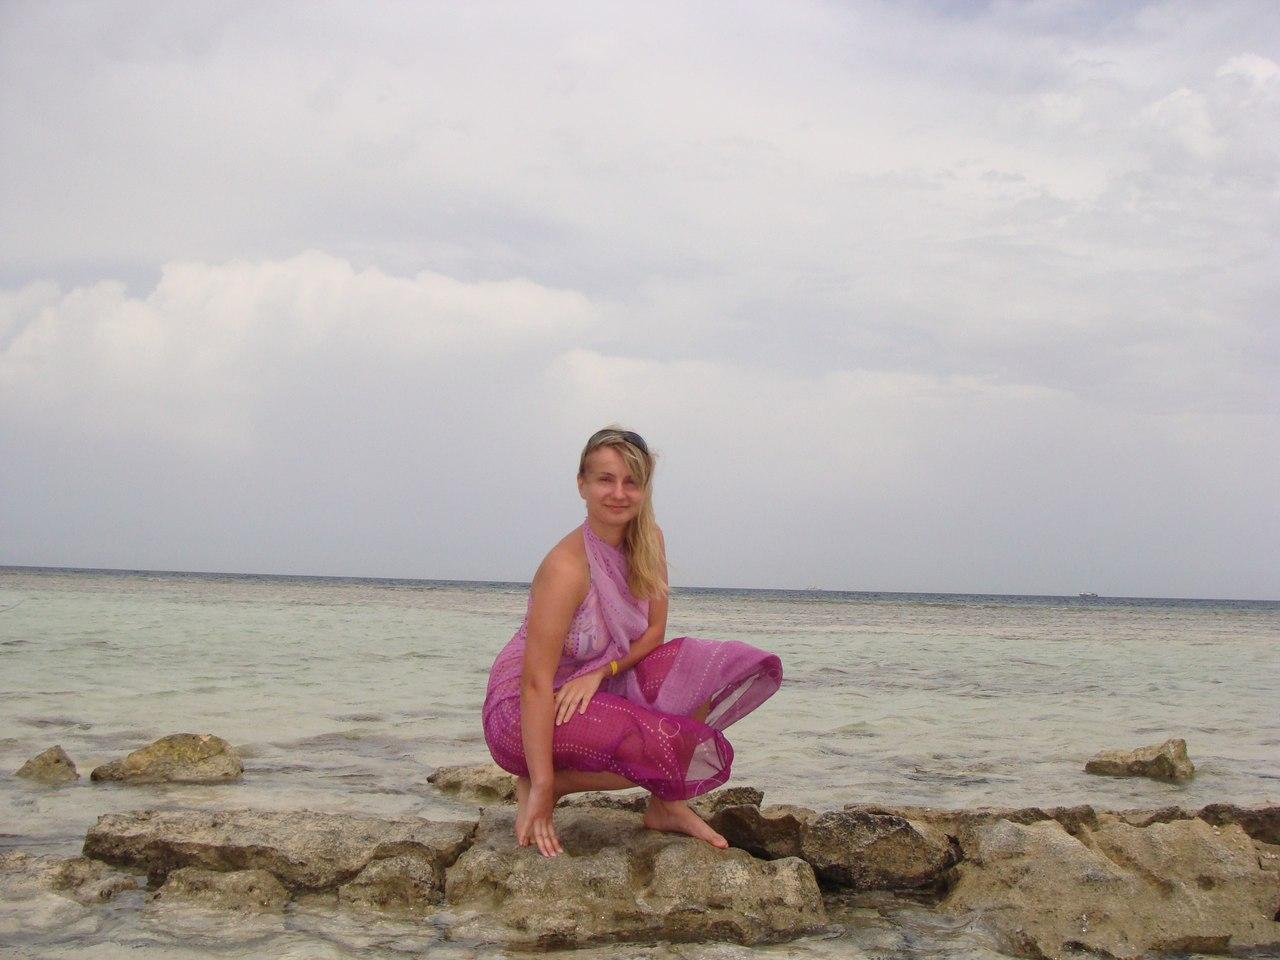 Ольга белова фото на пляже